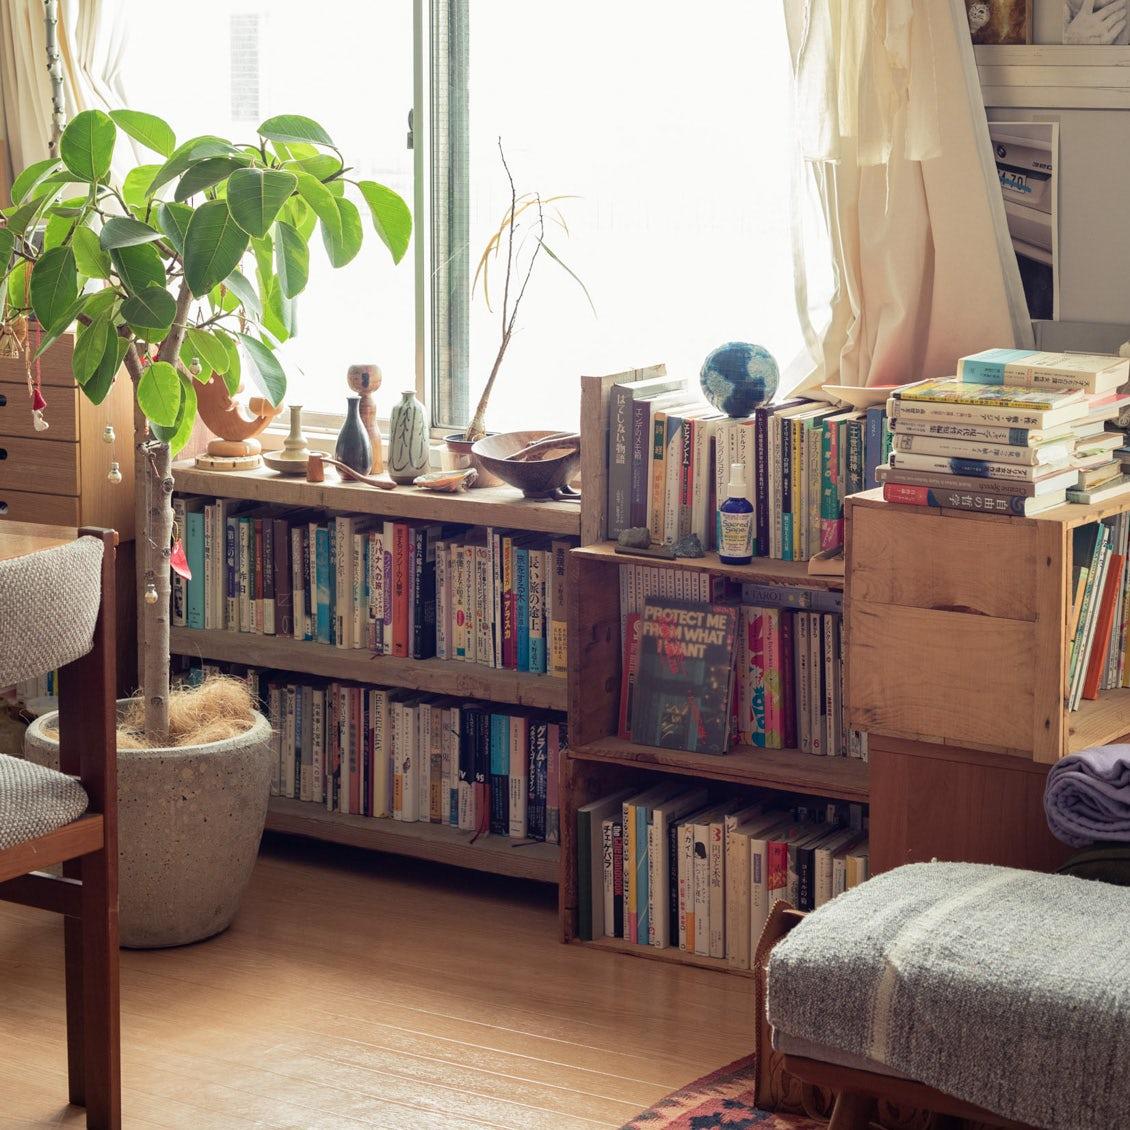 【本棚を主役に】本棚インテリアのおしゃれに見せるコツや収納術、DIYアイデアなど